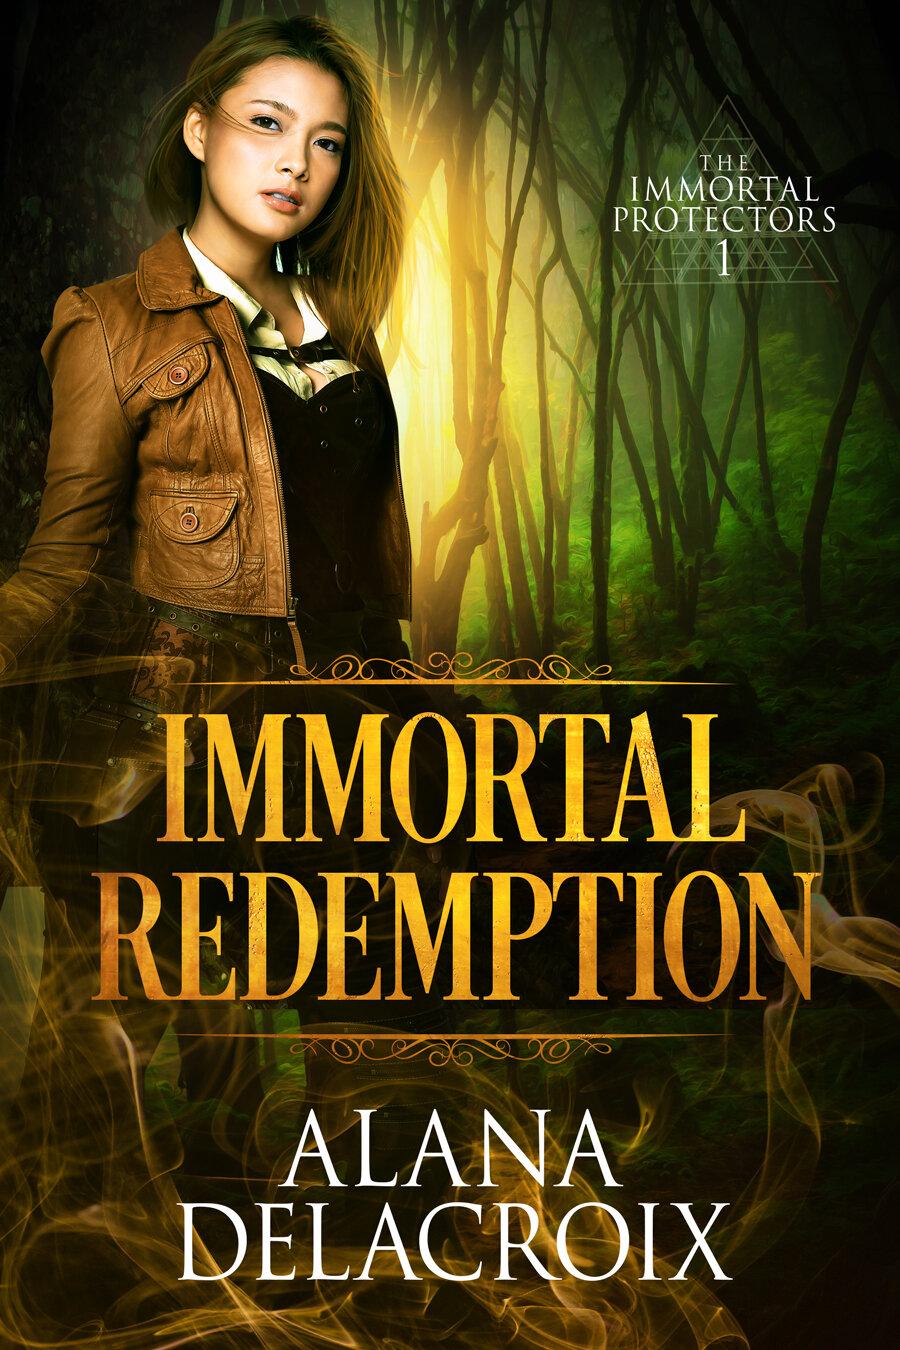 ImmortalRedemption-f900lr.jpg